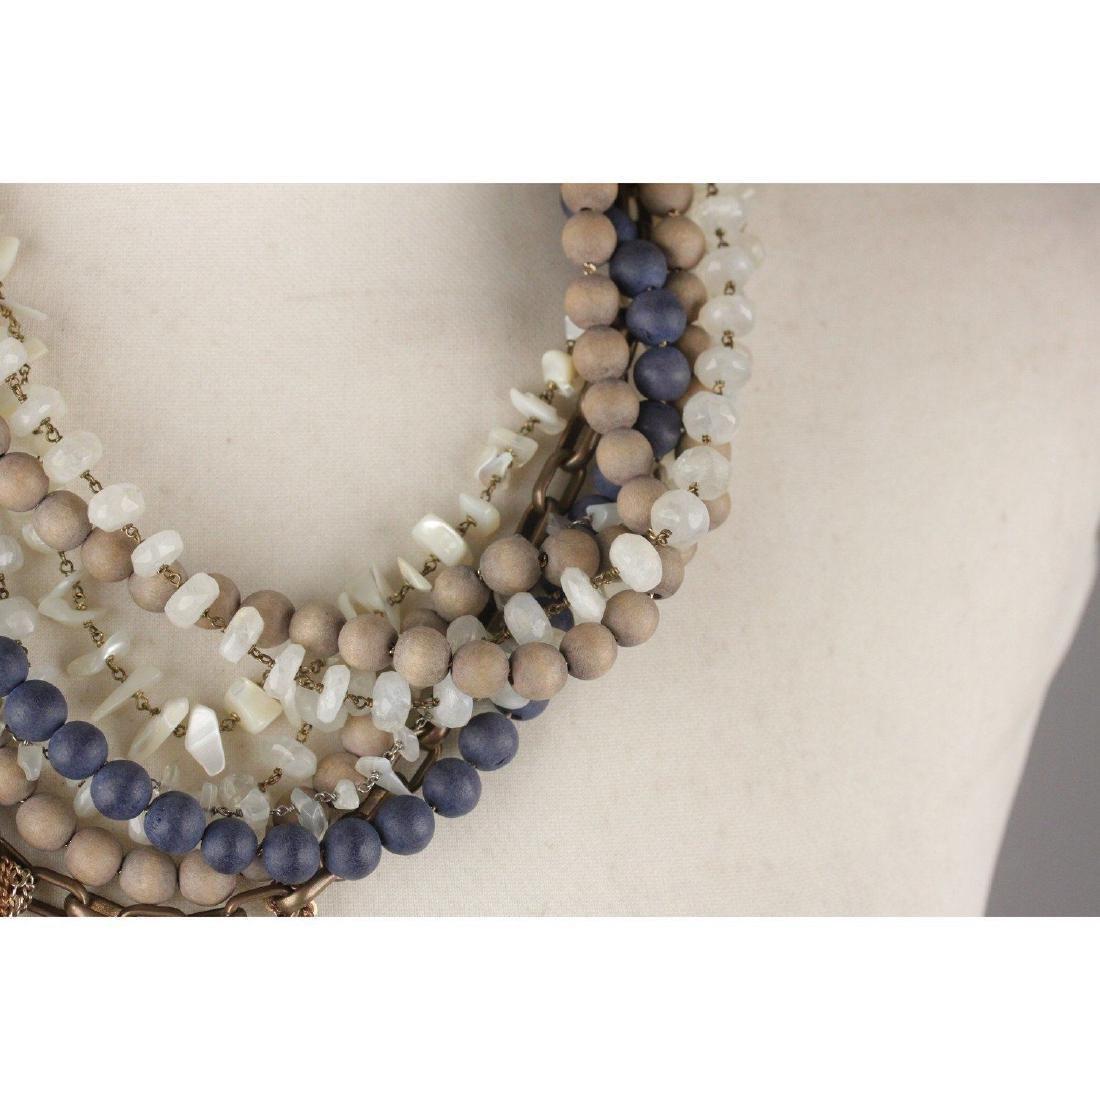 PELLINI MILANO Asymmetric Multi Strands Necklace Blue - 6